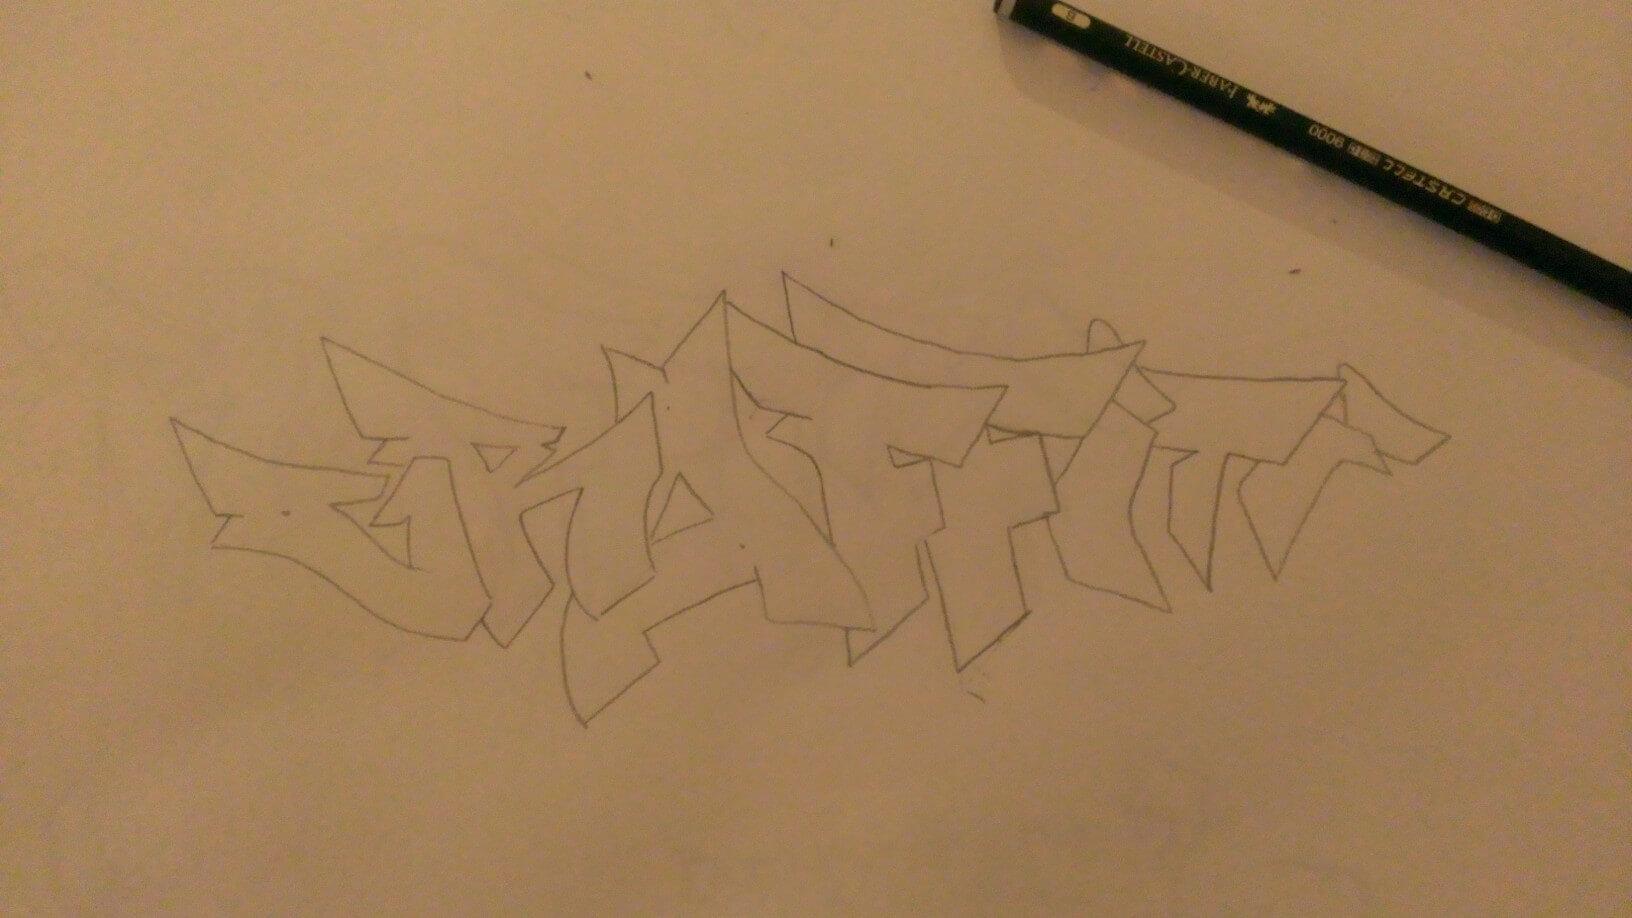 graffiti buchstaben rohfassung